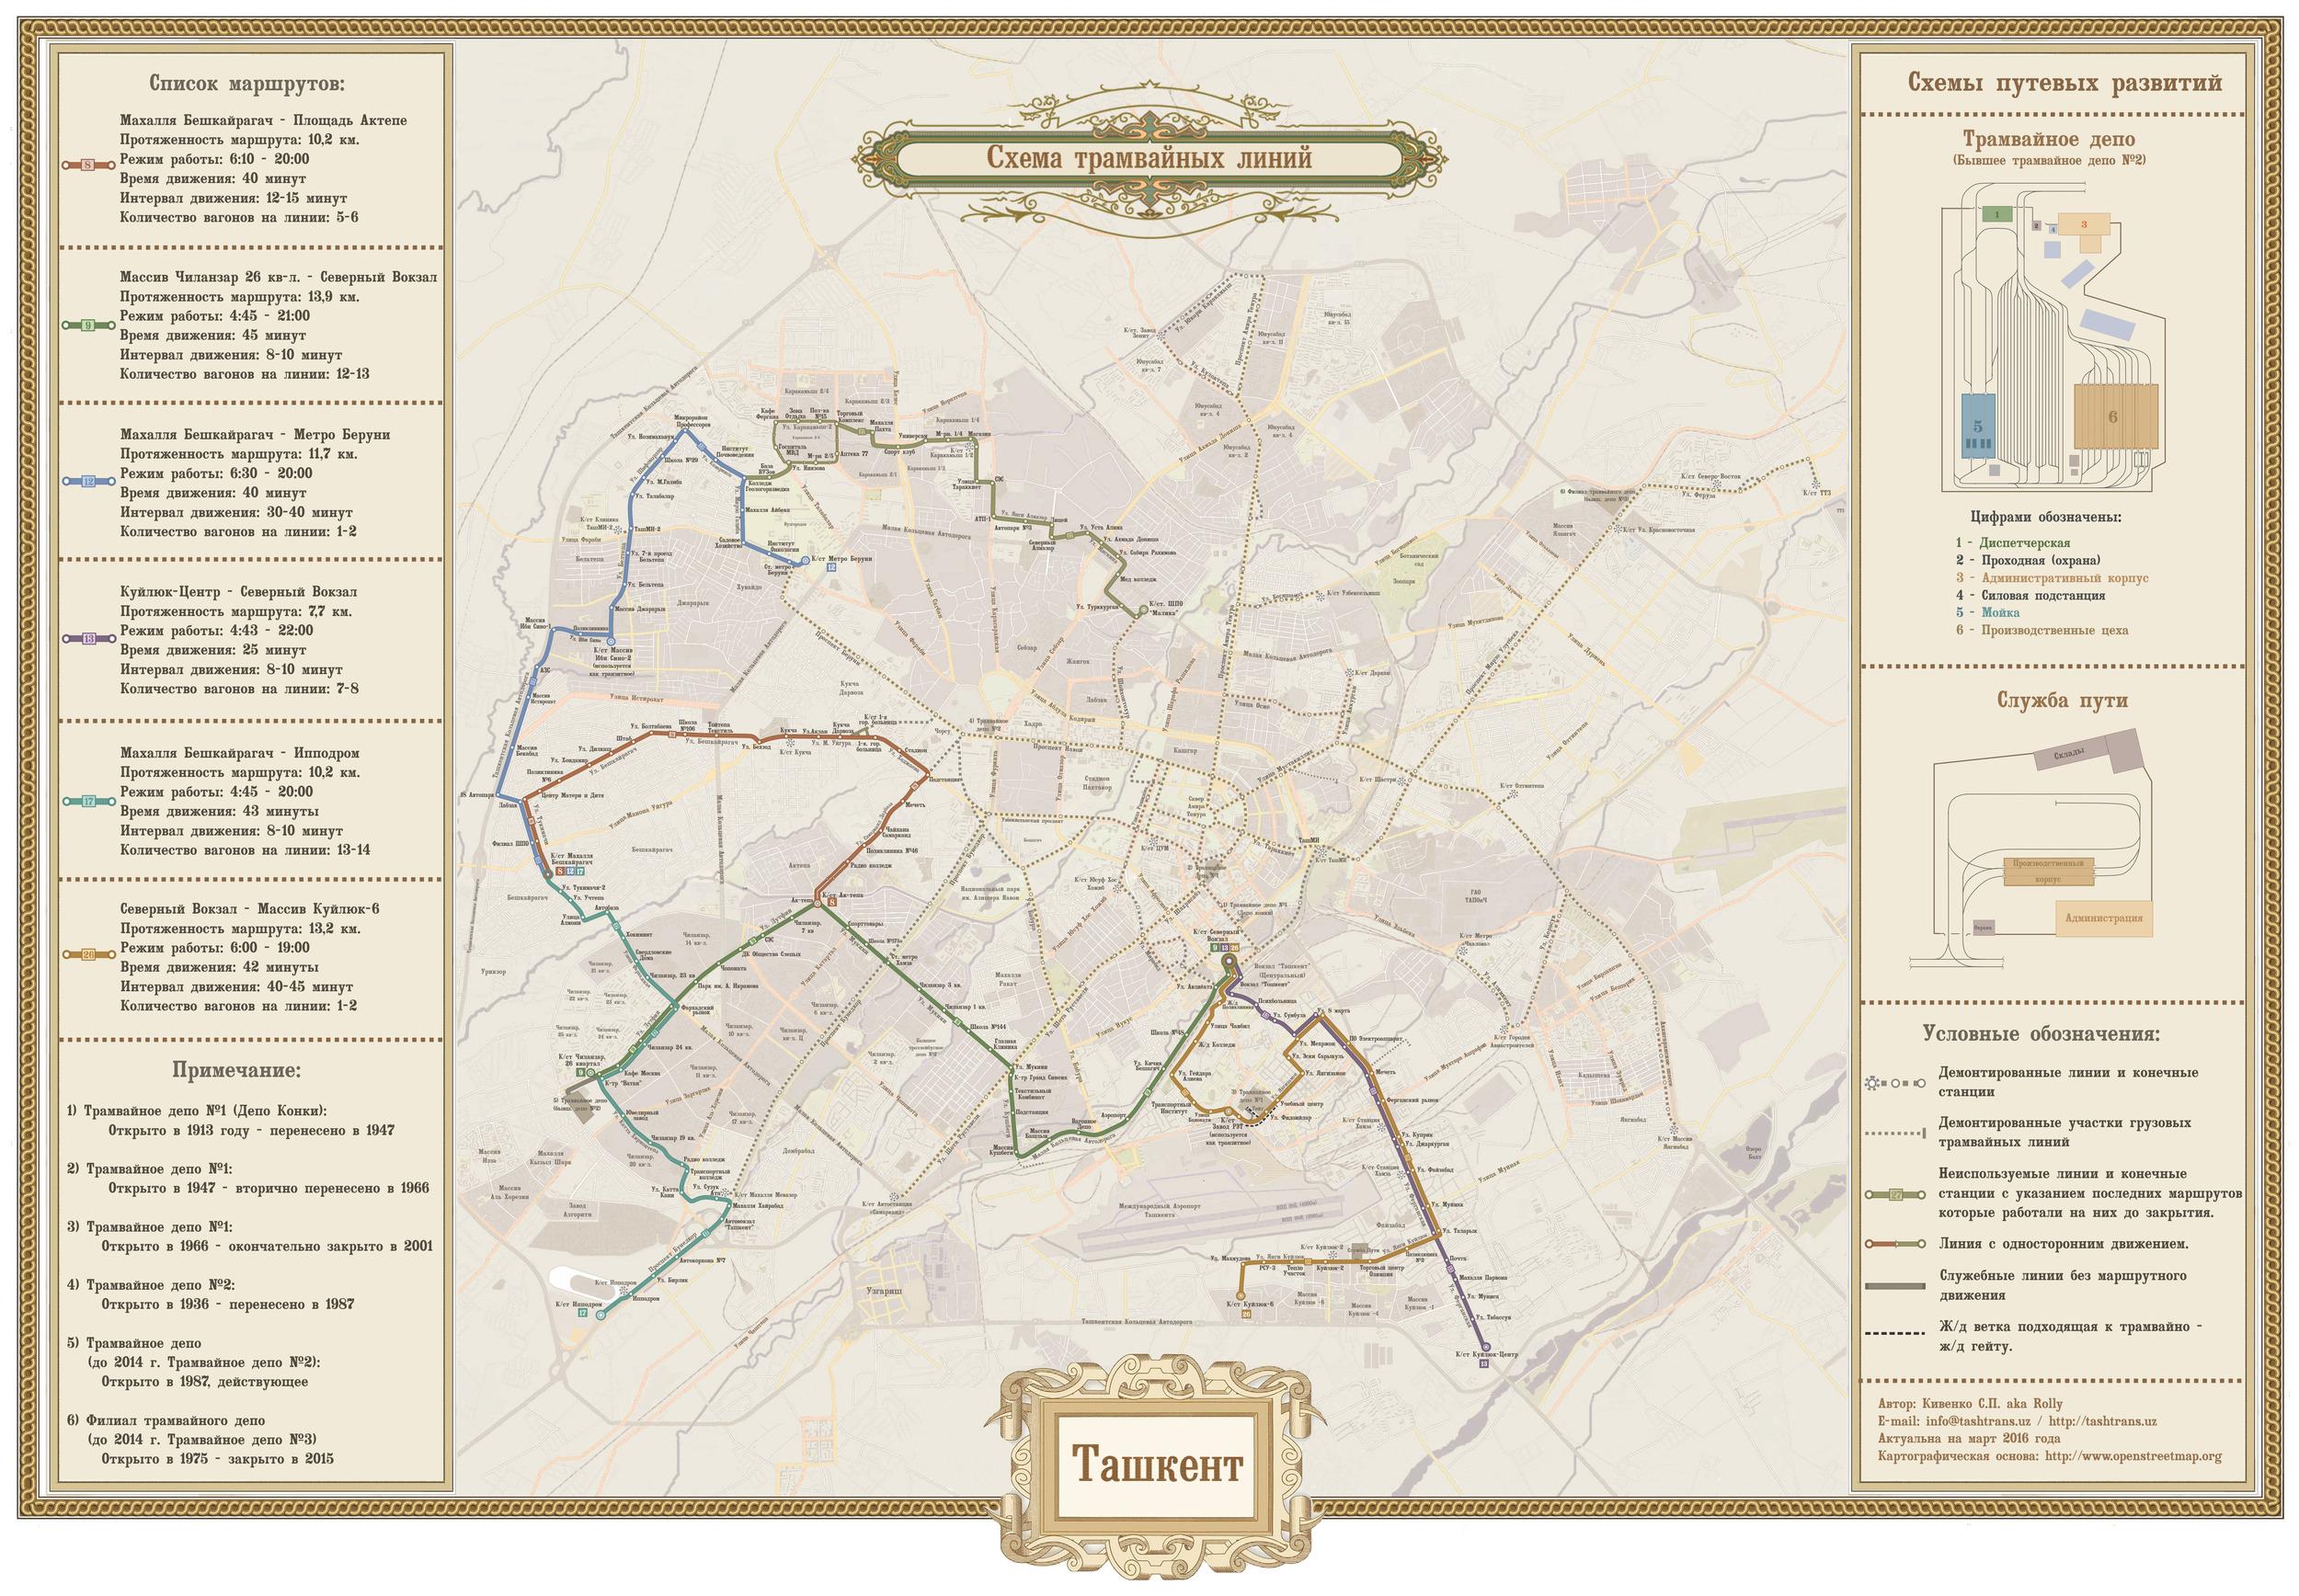 Plán tramvajové sítě v Taškentu z března 2016. Na mapě již chybí linka č. 6 a část trasy linky č. 13. (zdroj: transphoto.ru)